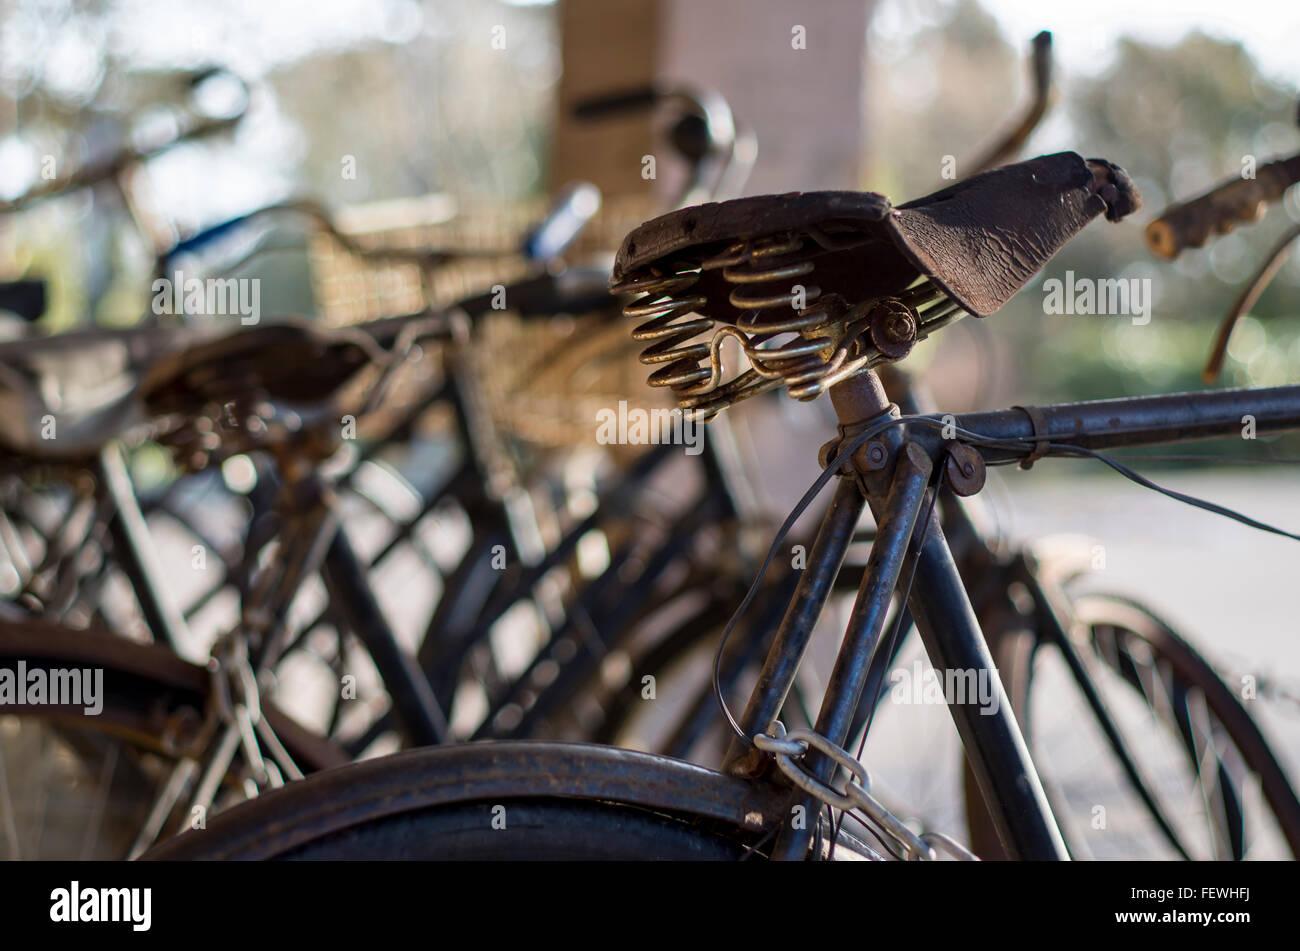 Eine Reihe von vIntage Fahrräder Stockfoto